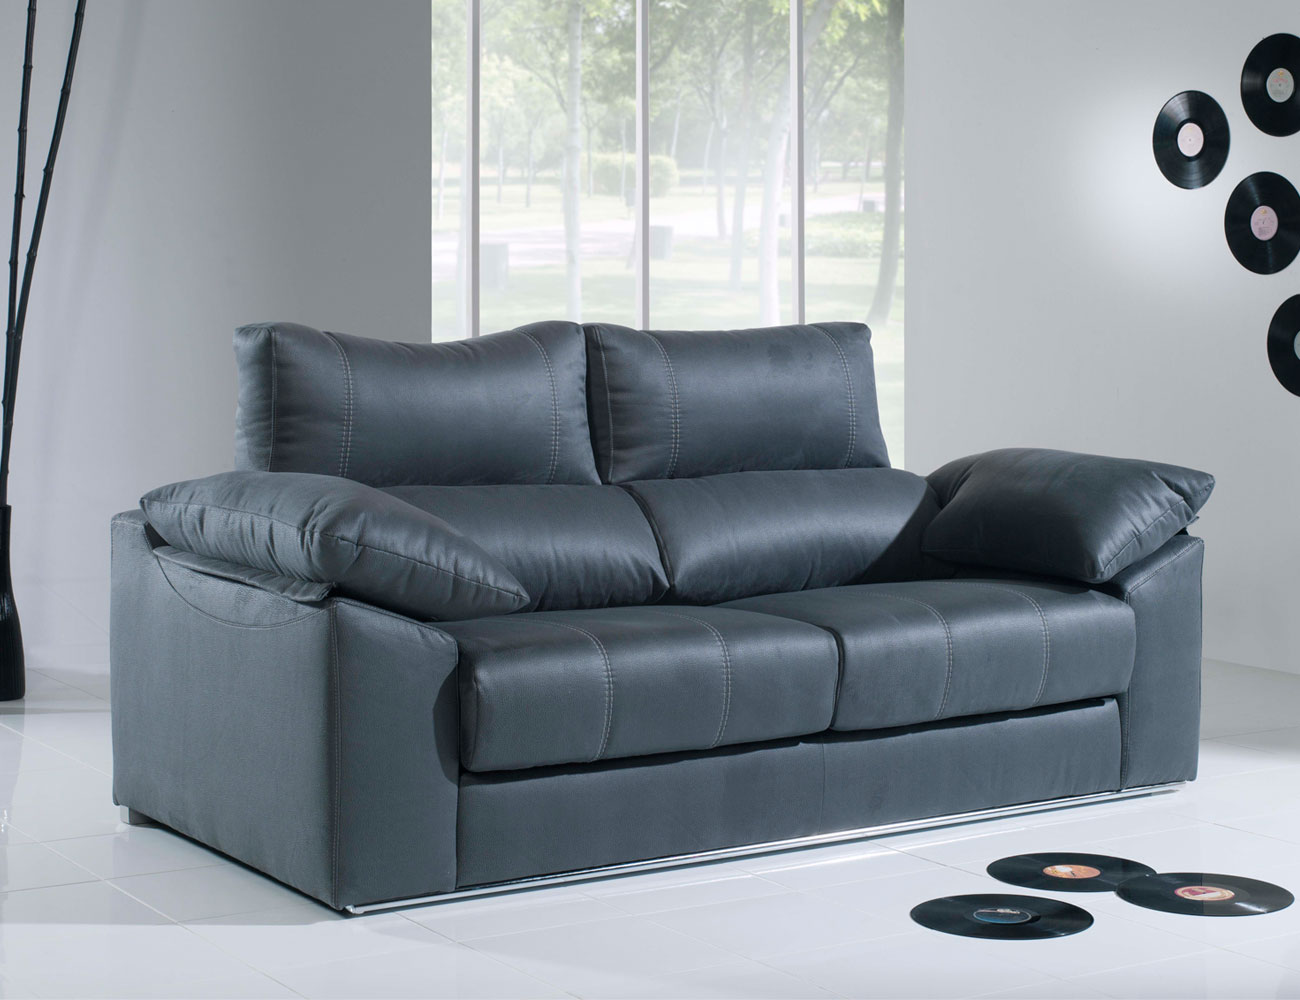 Sofa 3 plazas moderno con barra15